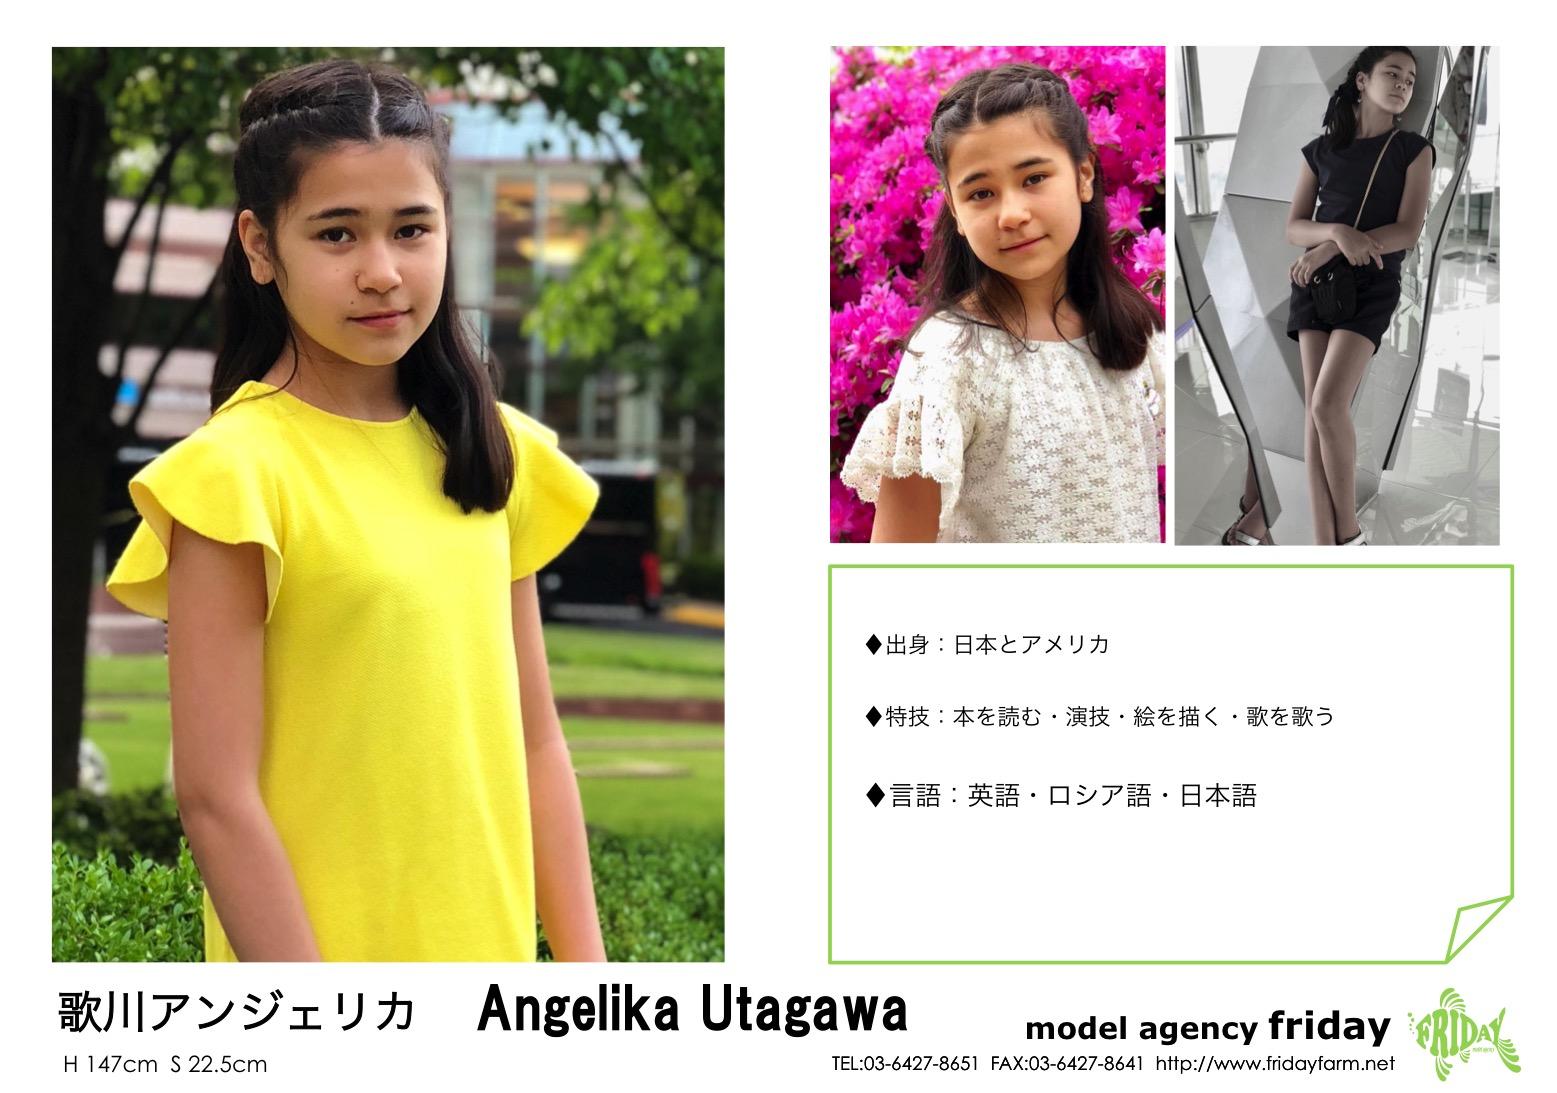 Angelika Utagawa - 歌川アンジェリカ | model agency friday